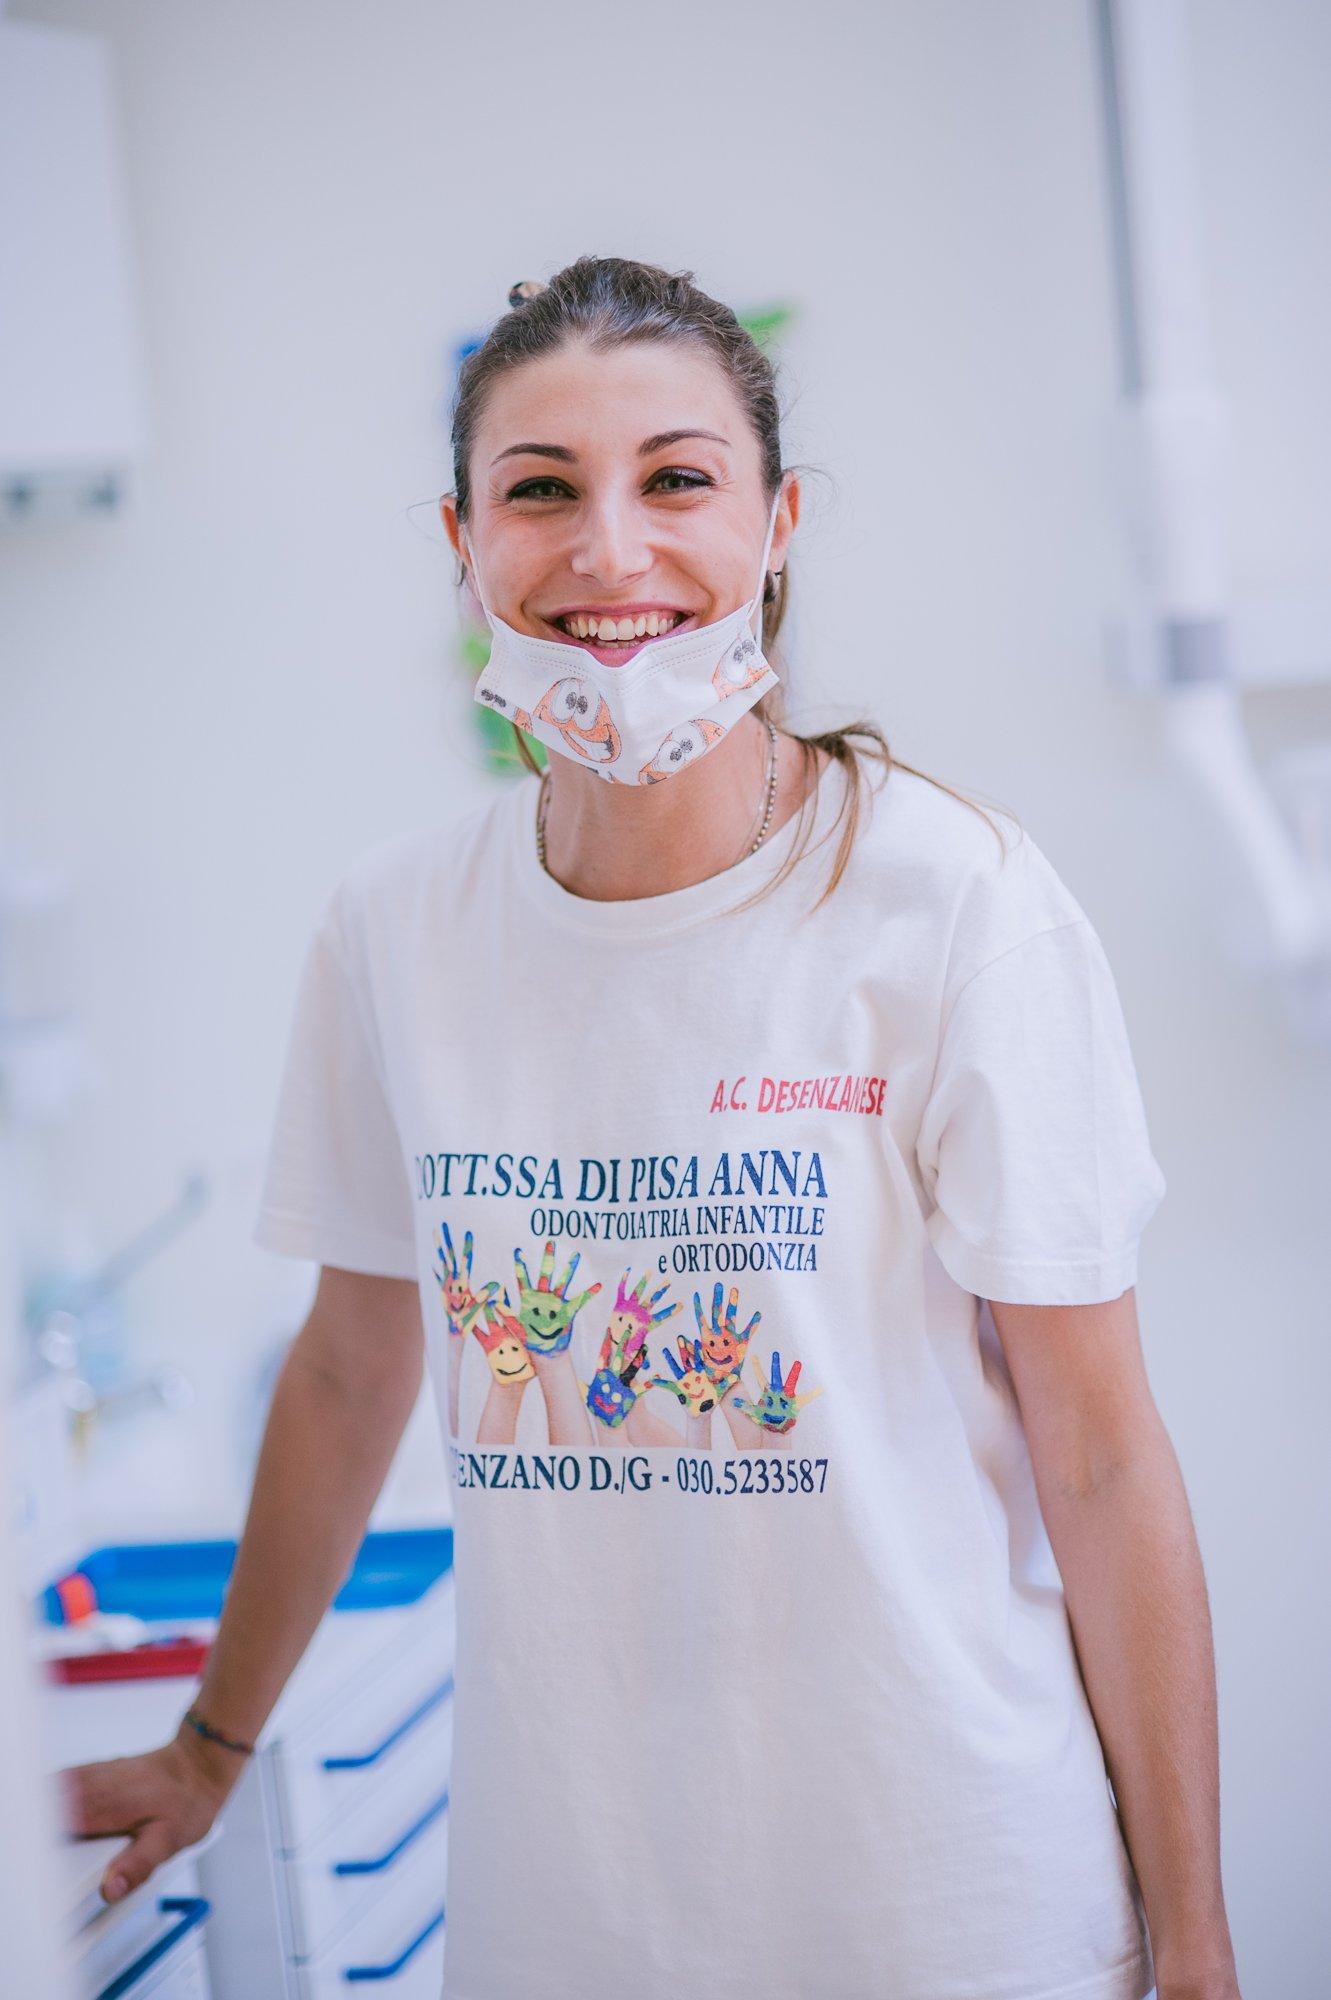 Dentista che sorride